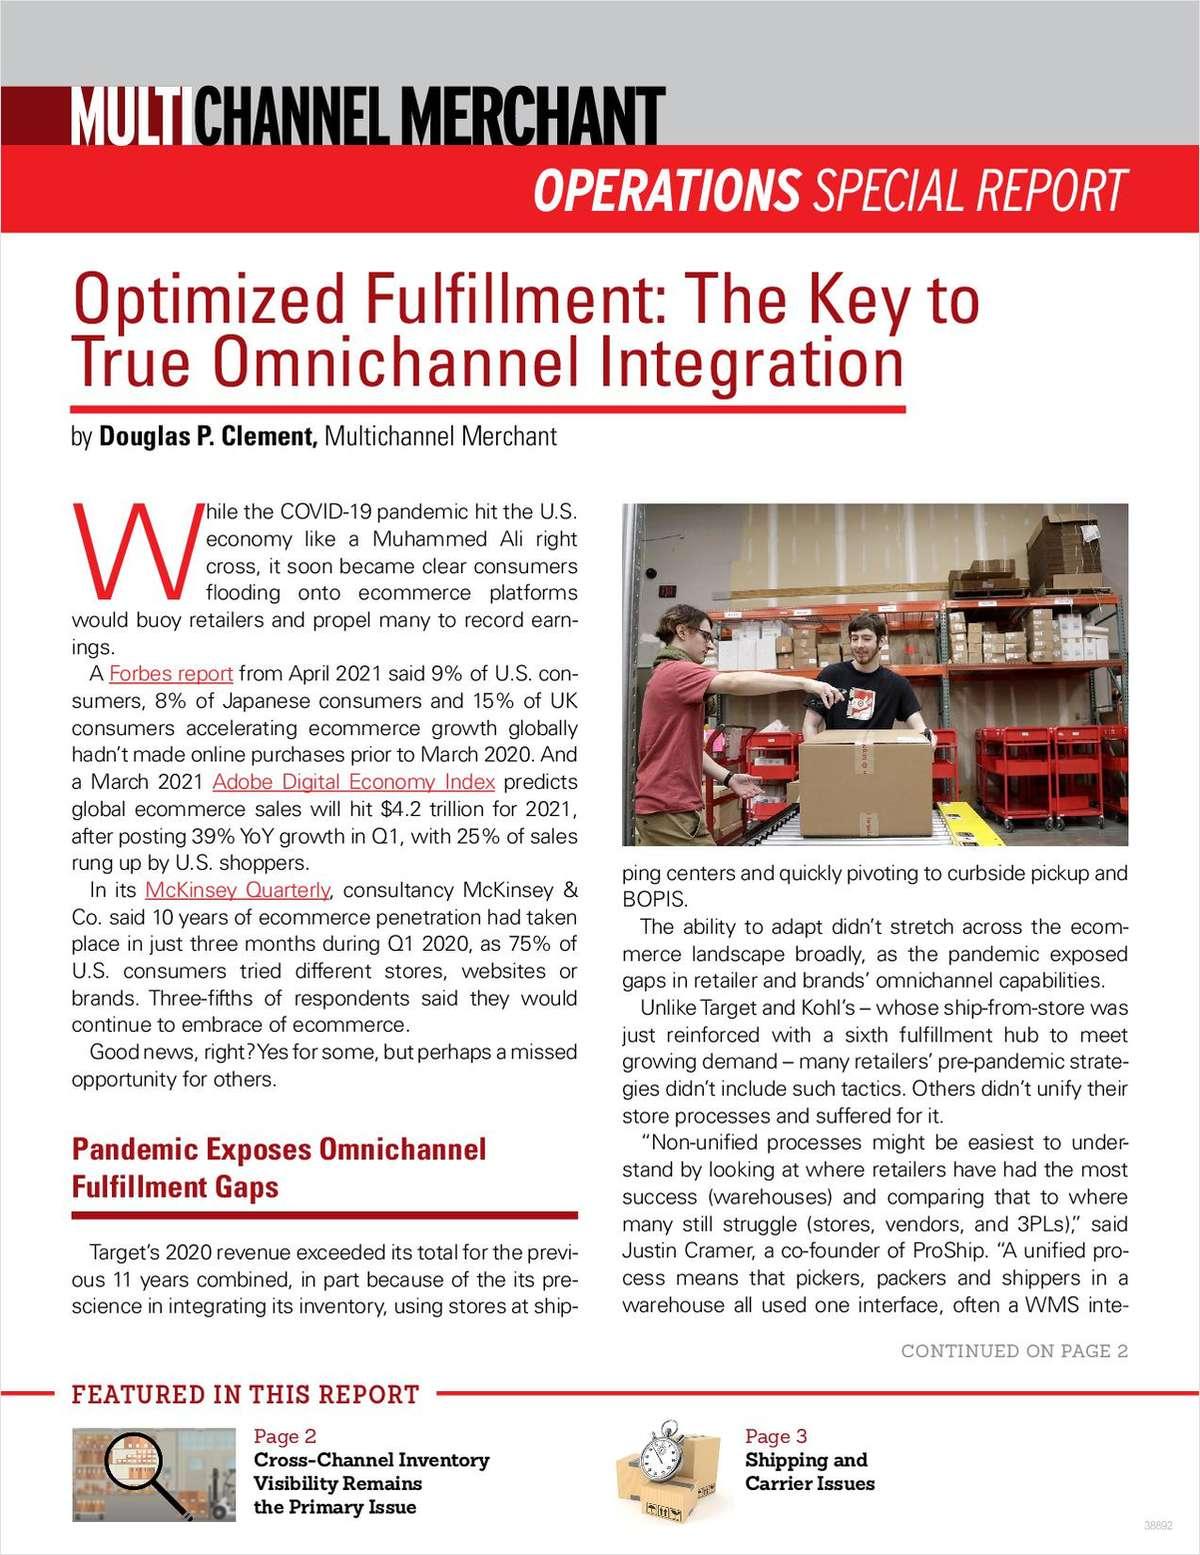 Making Omnichannel Order Management More Efficient